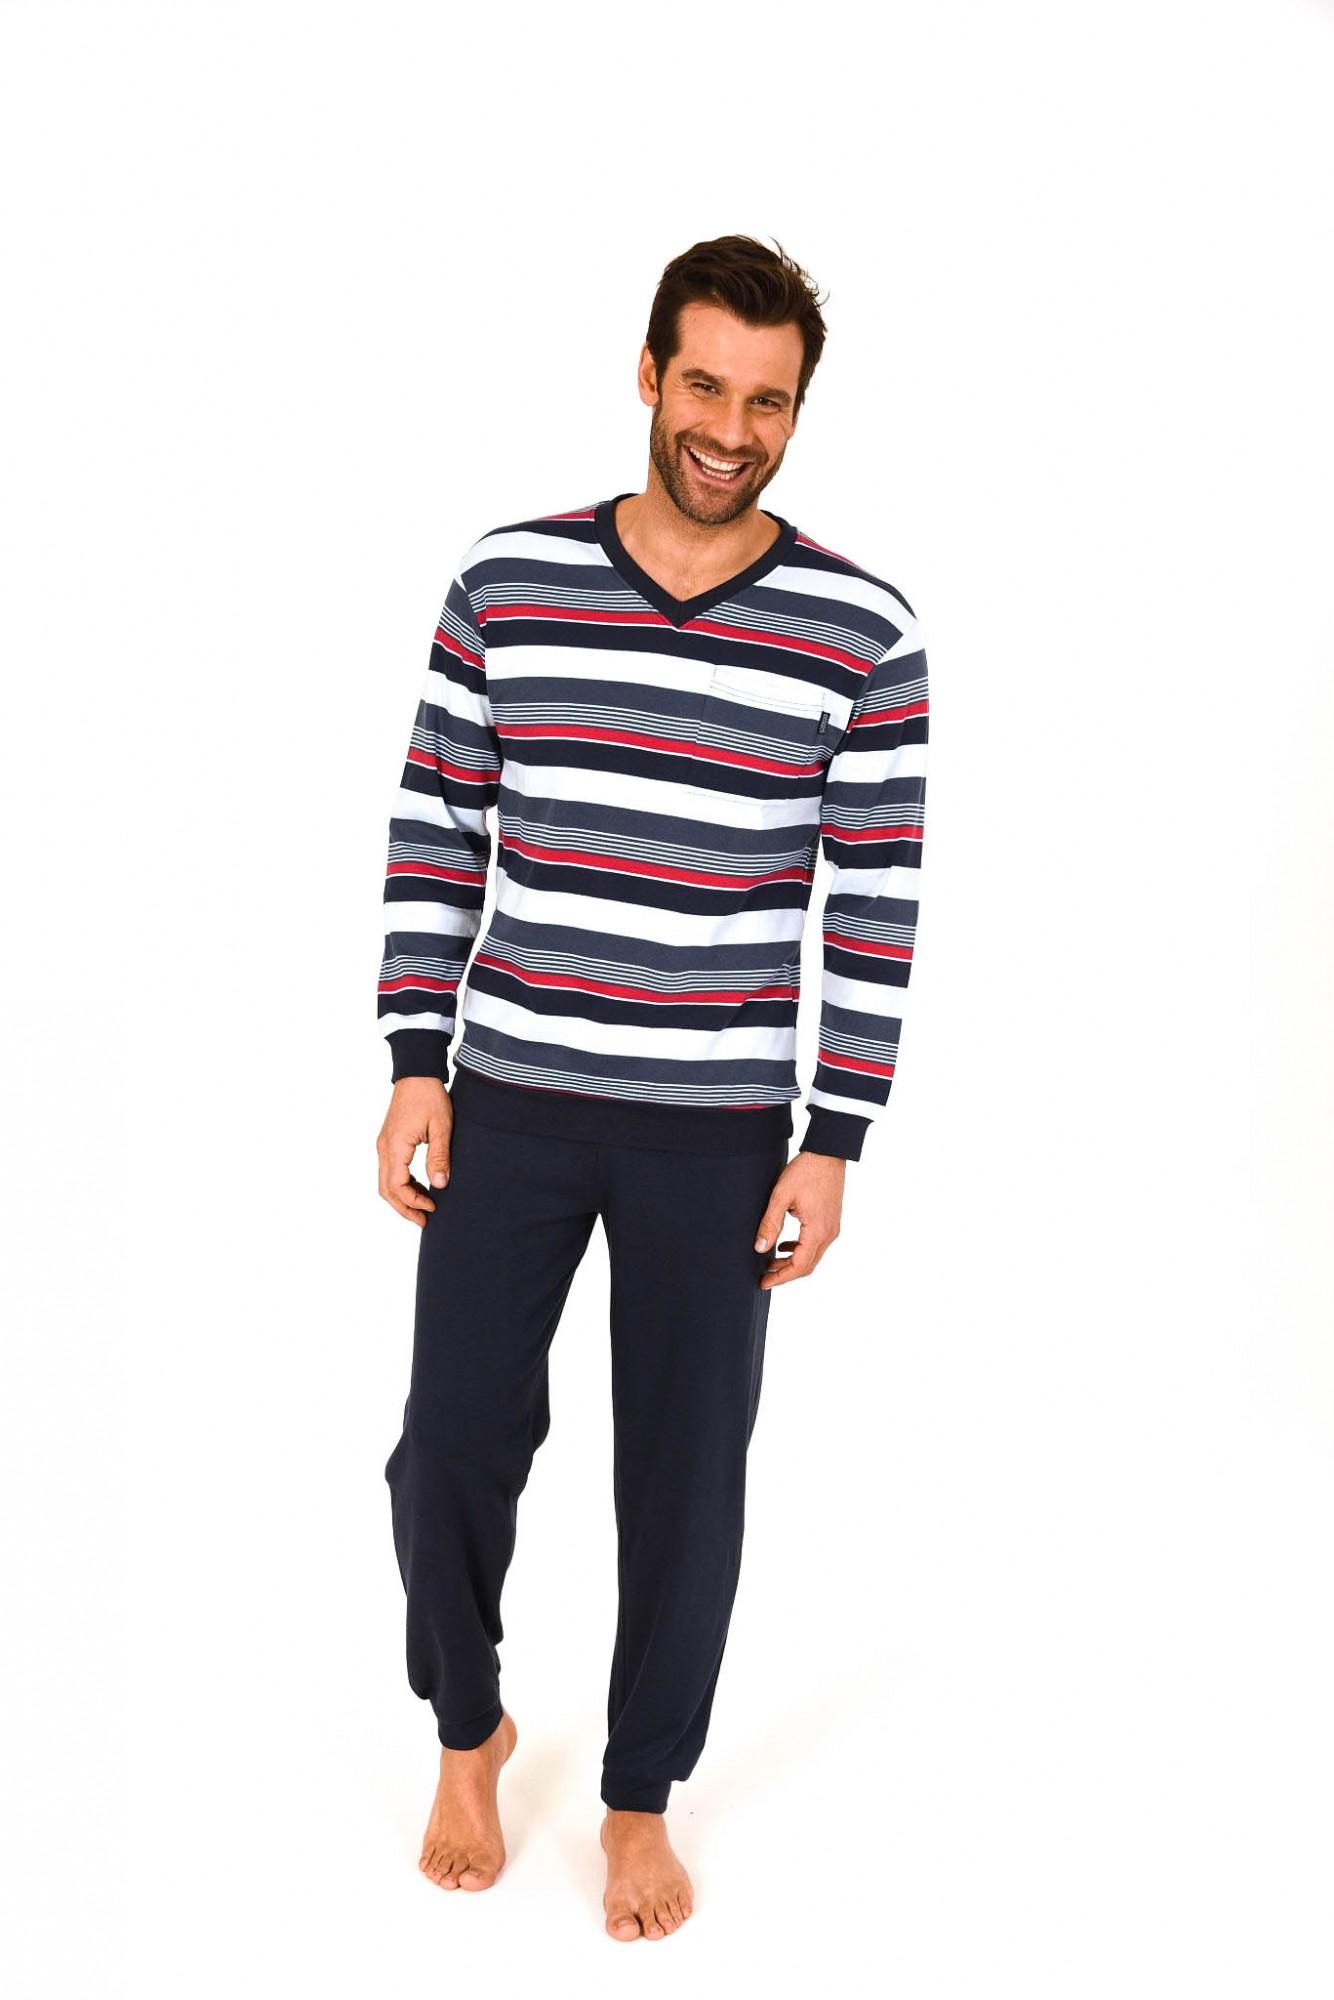 Herren Pyjama Schlafanzug lang mit Bündchen und V-Hals – Interlock - 261 101 96 786